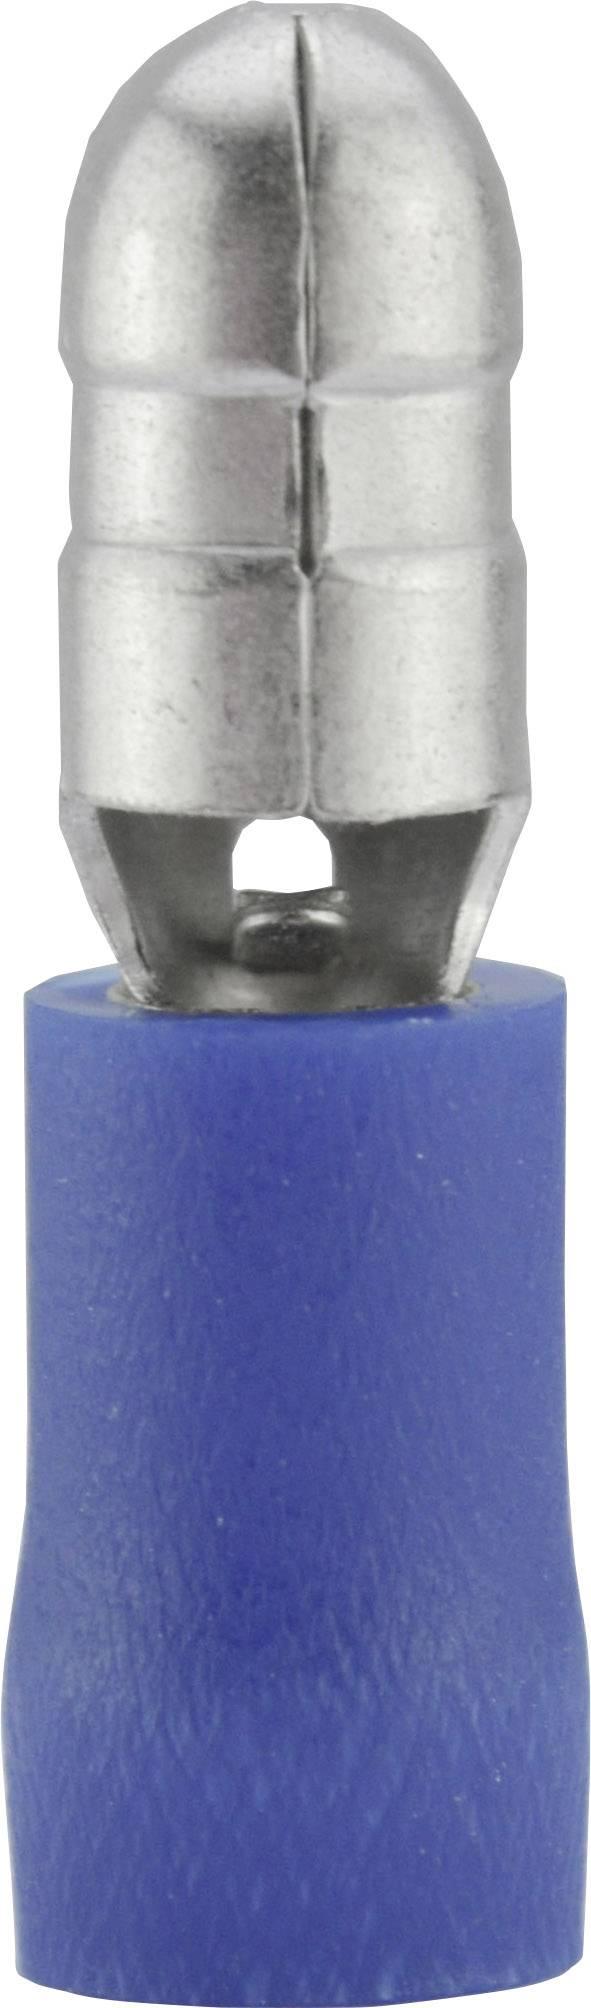 Kulatá zástrčka Vogt 3921S, 1,5 / 2,5 mm², Ø: 5 mm, modrá